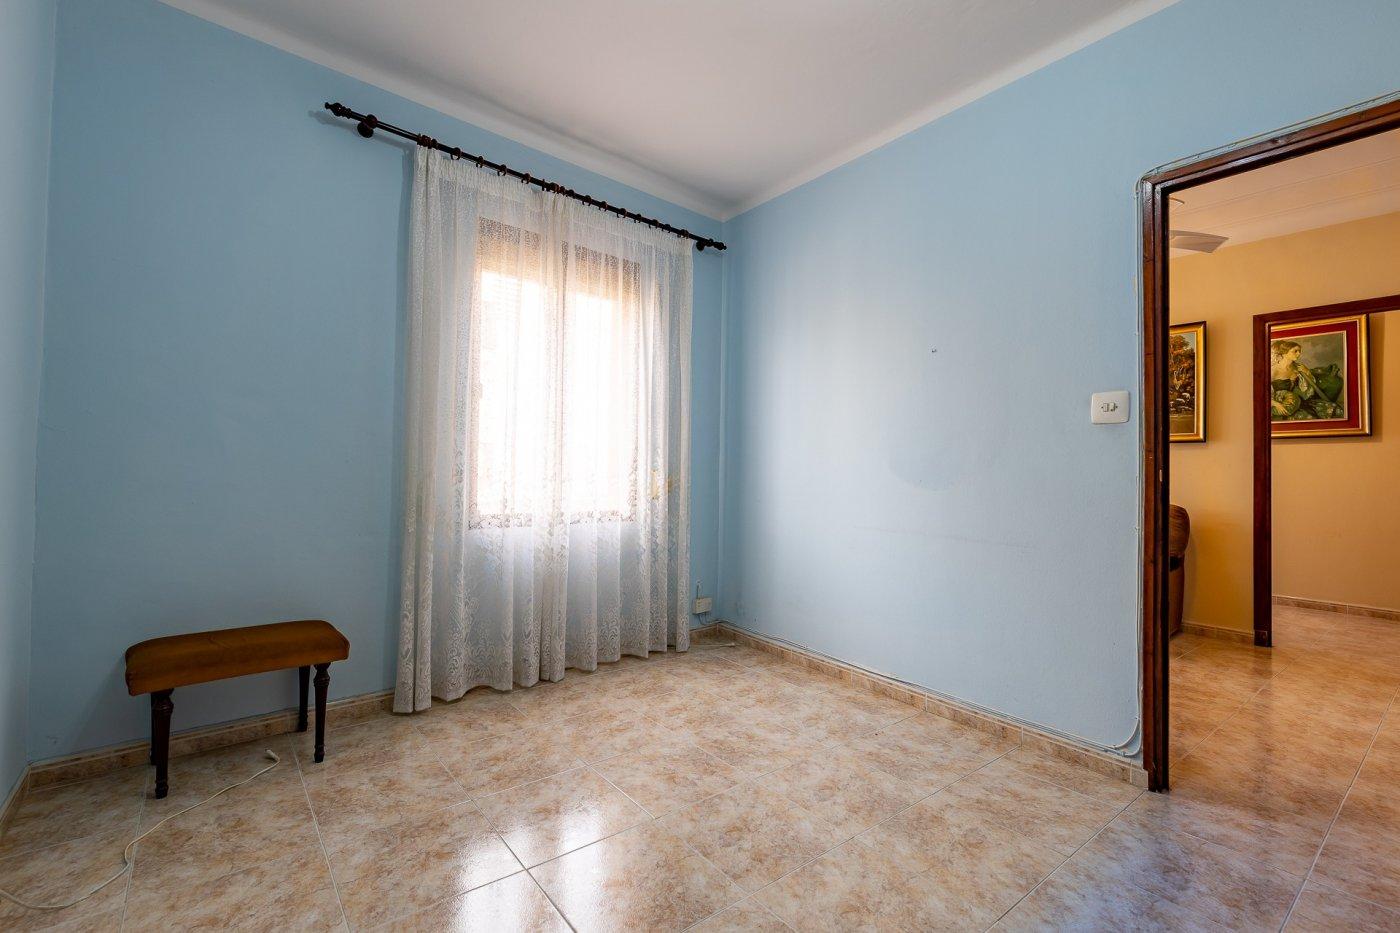 Primer piso de 107 m² de superficie en buen estado en la zona de camp redó, palma de mallo - imagenInmueble9